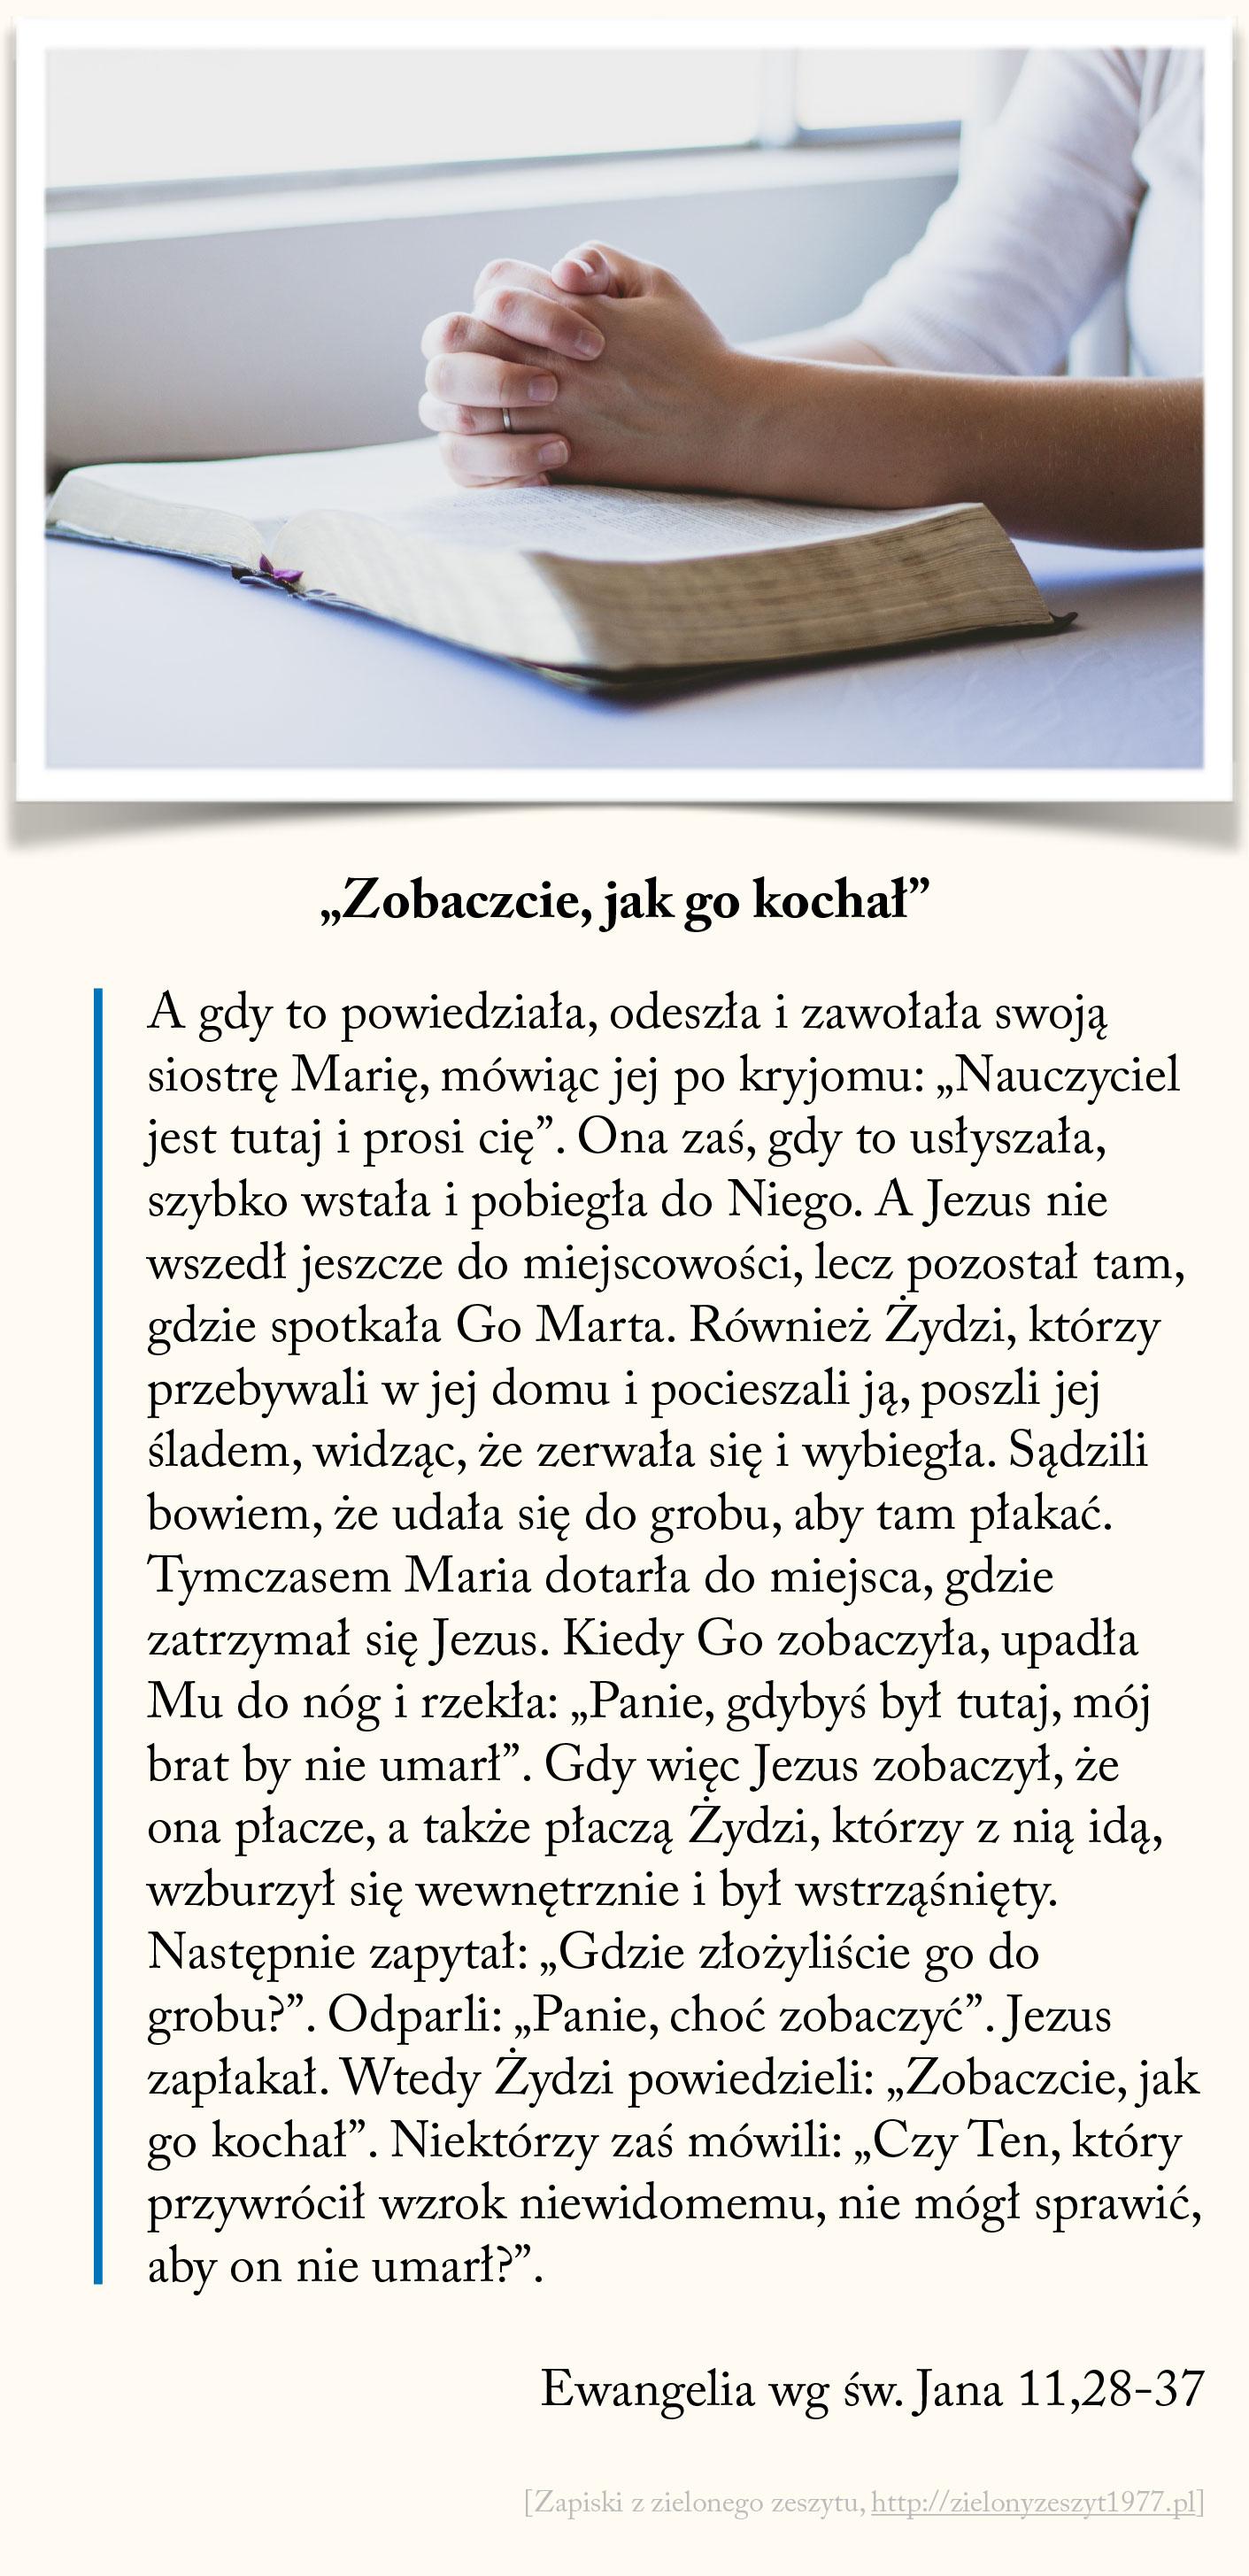 """""""Zobaczcie, jak go kochał"""", Ewangelia wg św. Jana"""